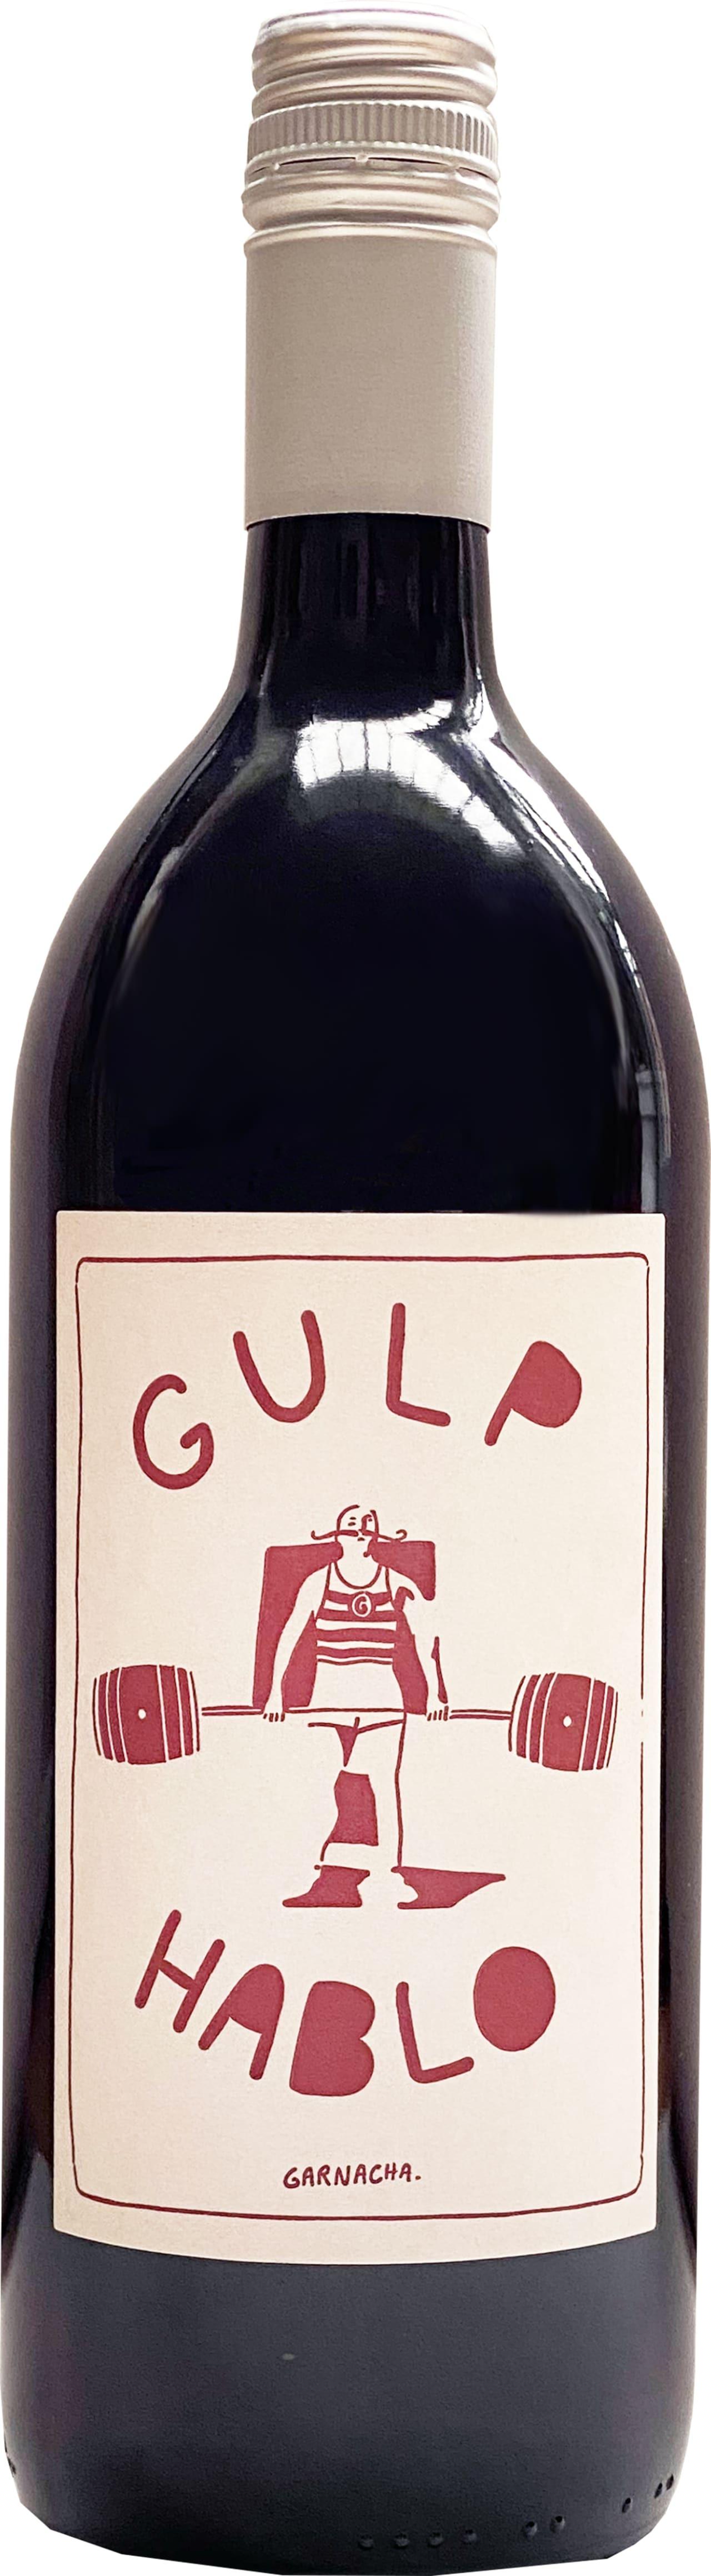 Gulp Hablo Garnacha, best cheap wine